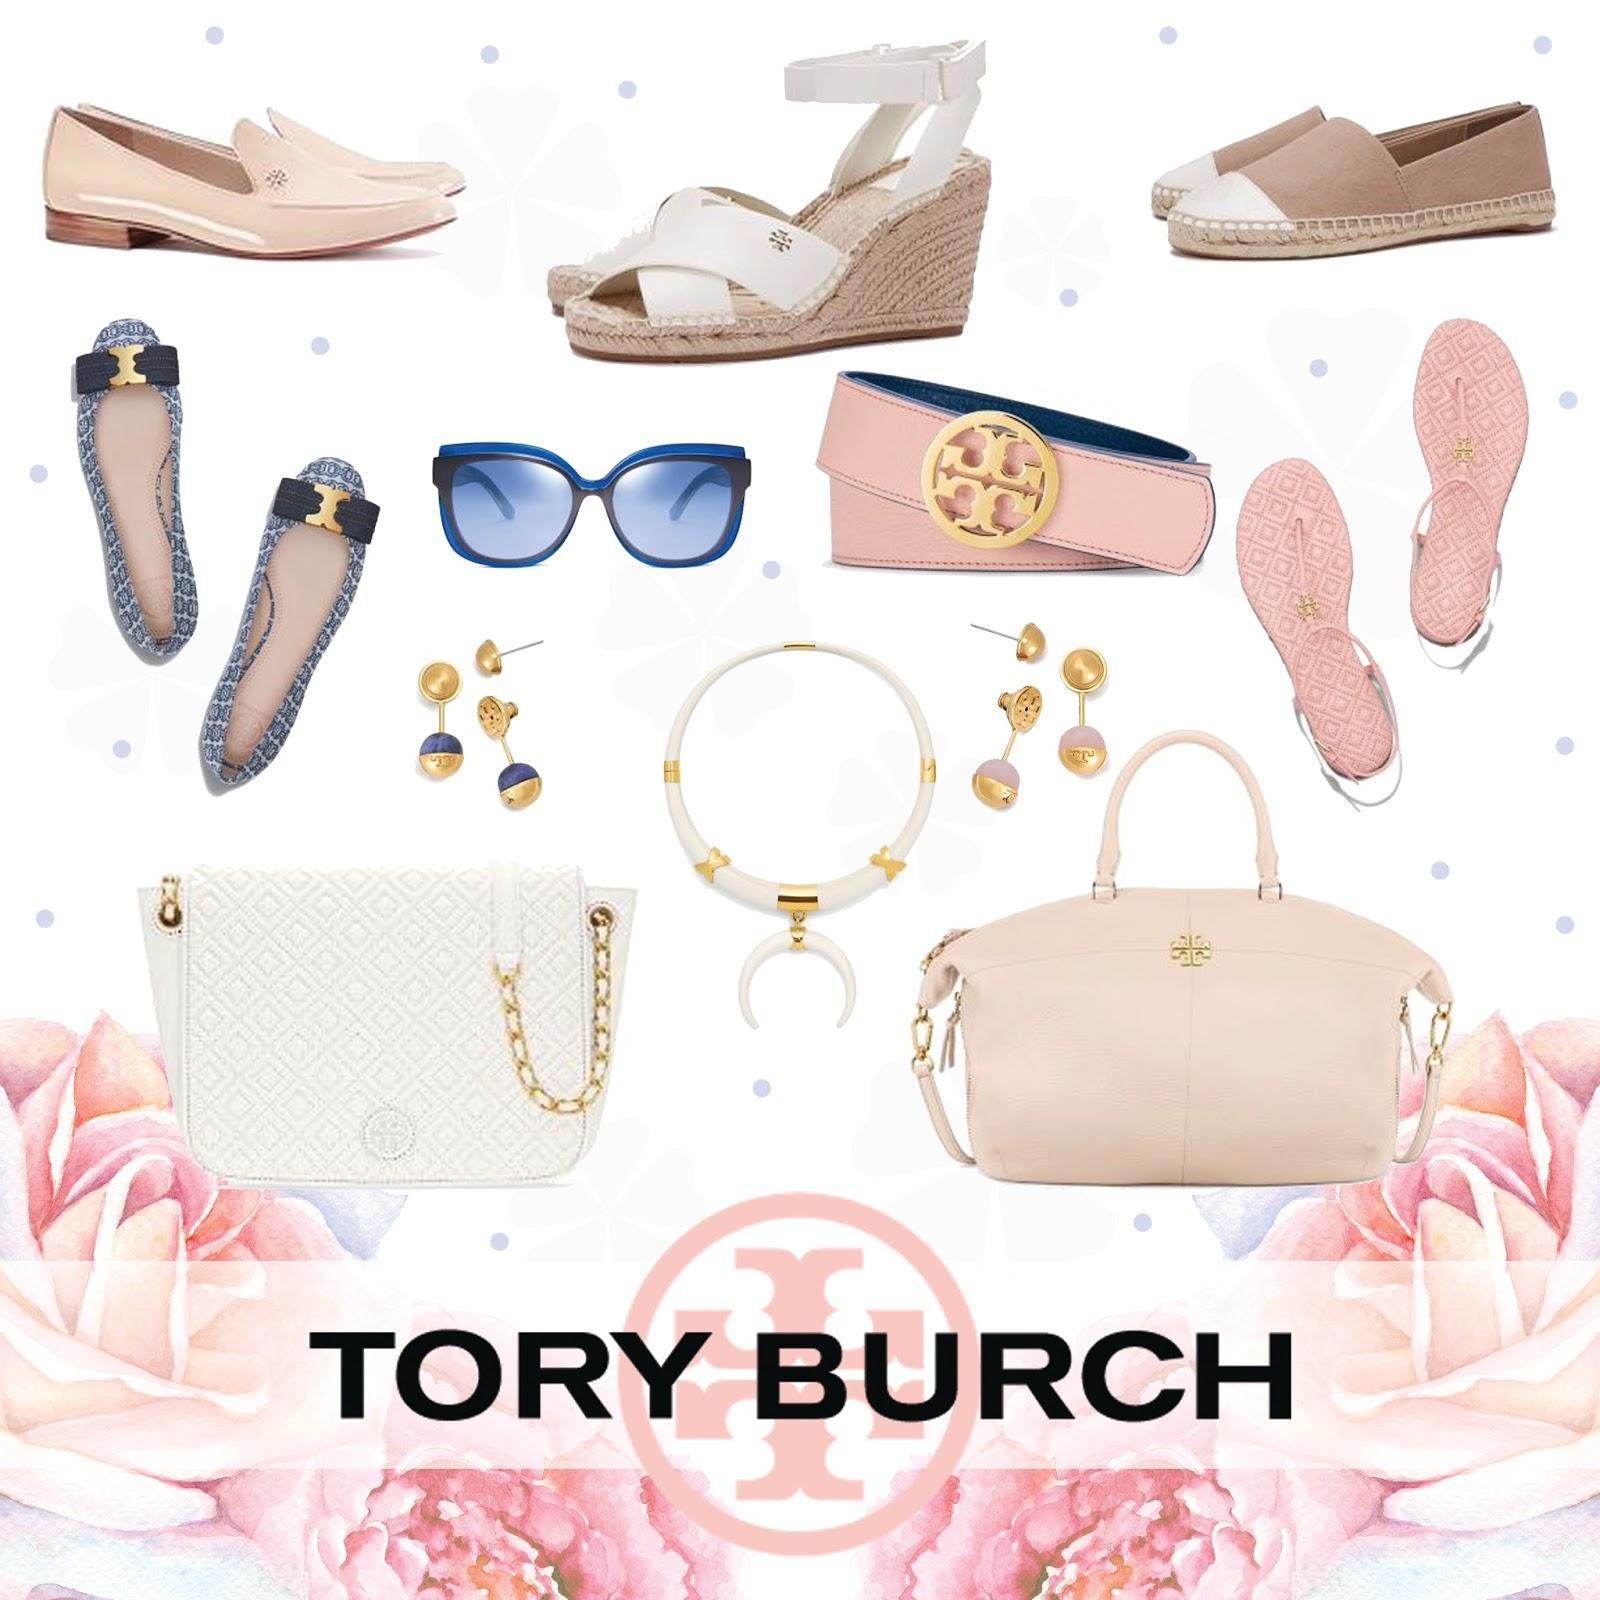 Tory Burch Private Sale Top Picks - Erica Valentin